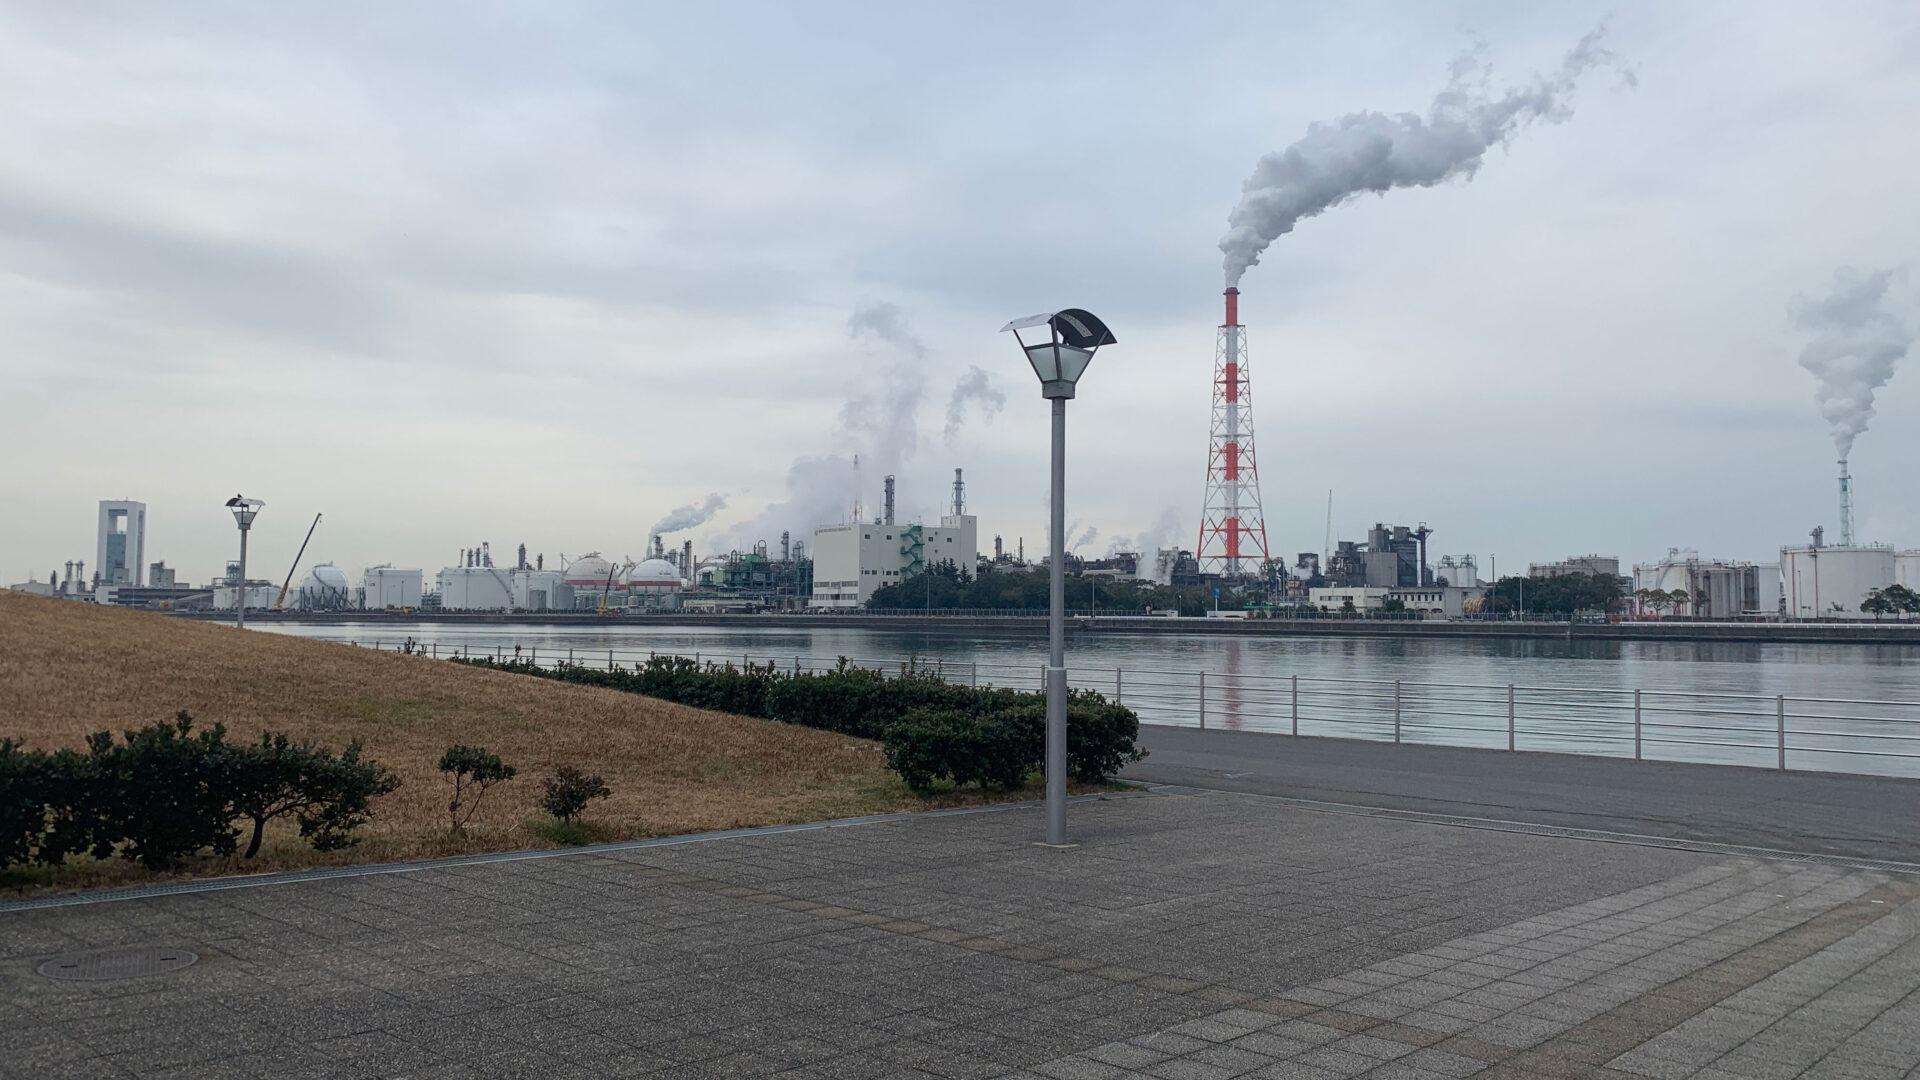 霞ヶ浦緑地30キロ走を実施してわかった現段階でのサブスリーペースの余裕度